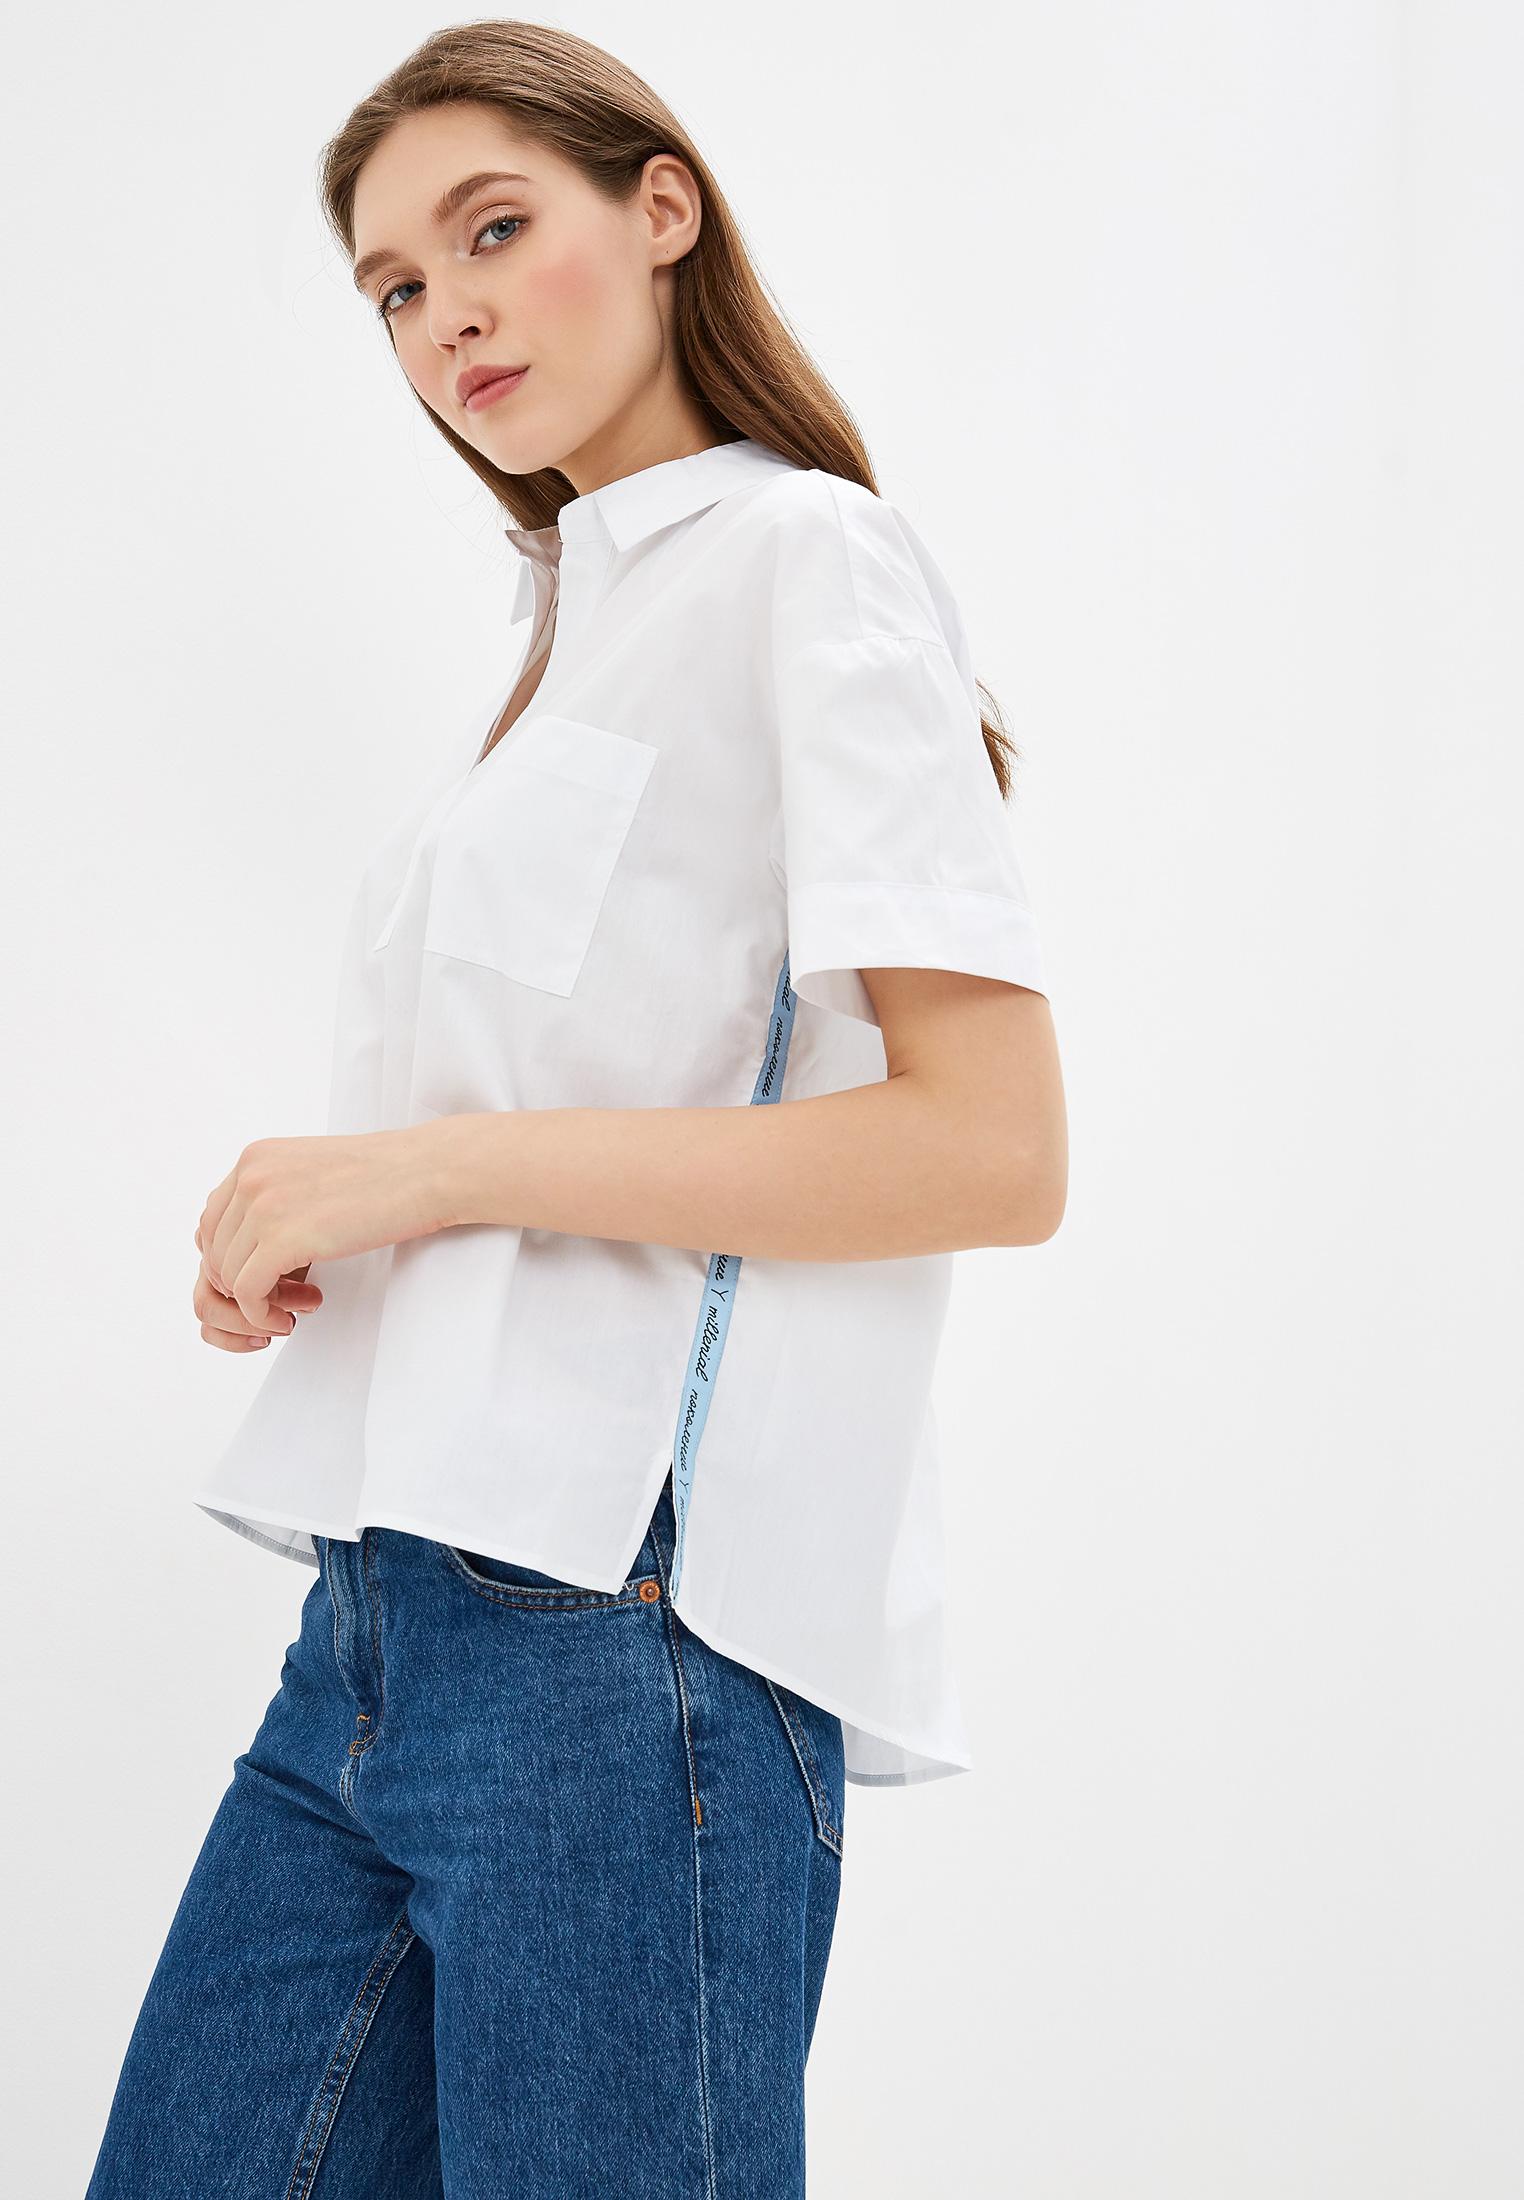 Рубашка с коротким рукавом Sela (Сэла) Bs-312/1187-9310